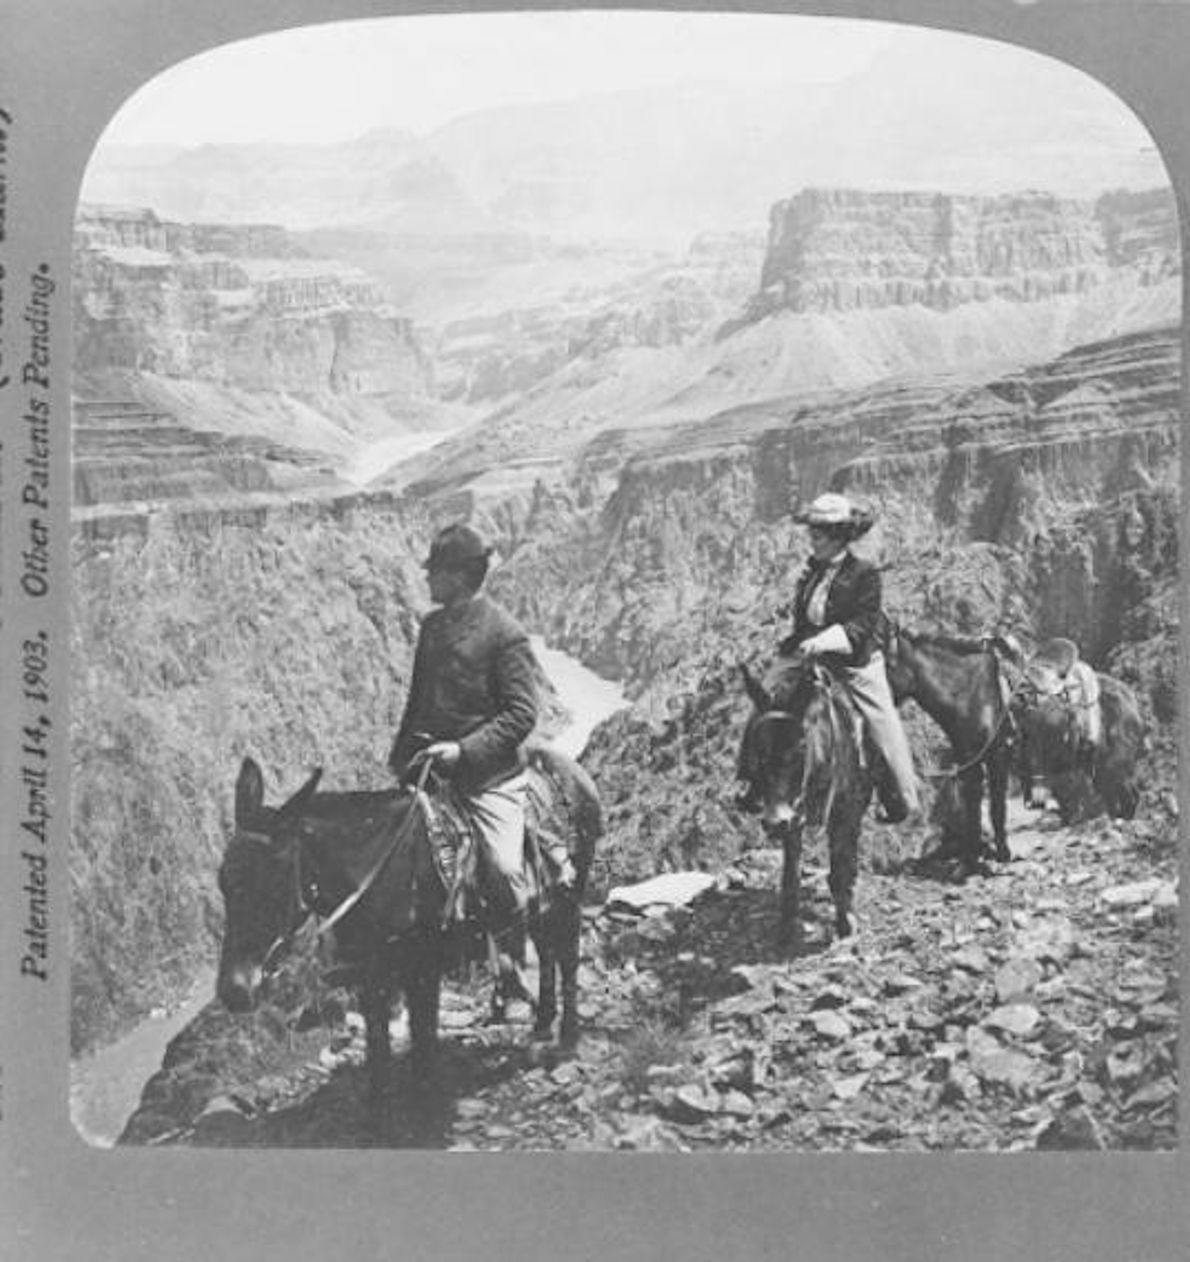 PASSEAR EM MULAS, GRAND CANYON, POR VOLTA DE 1906